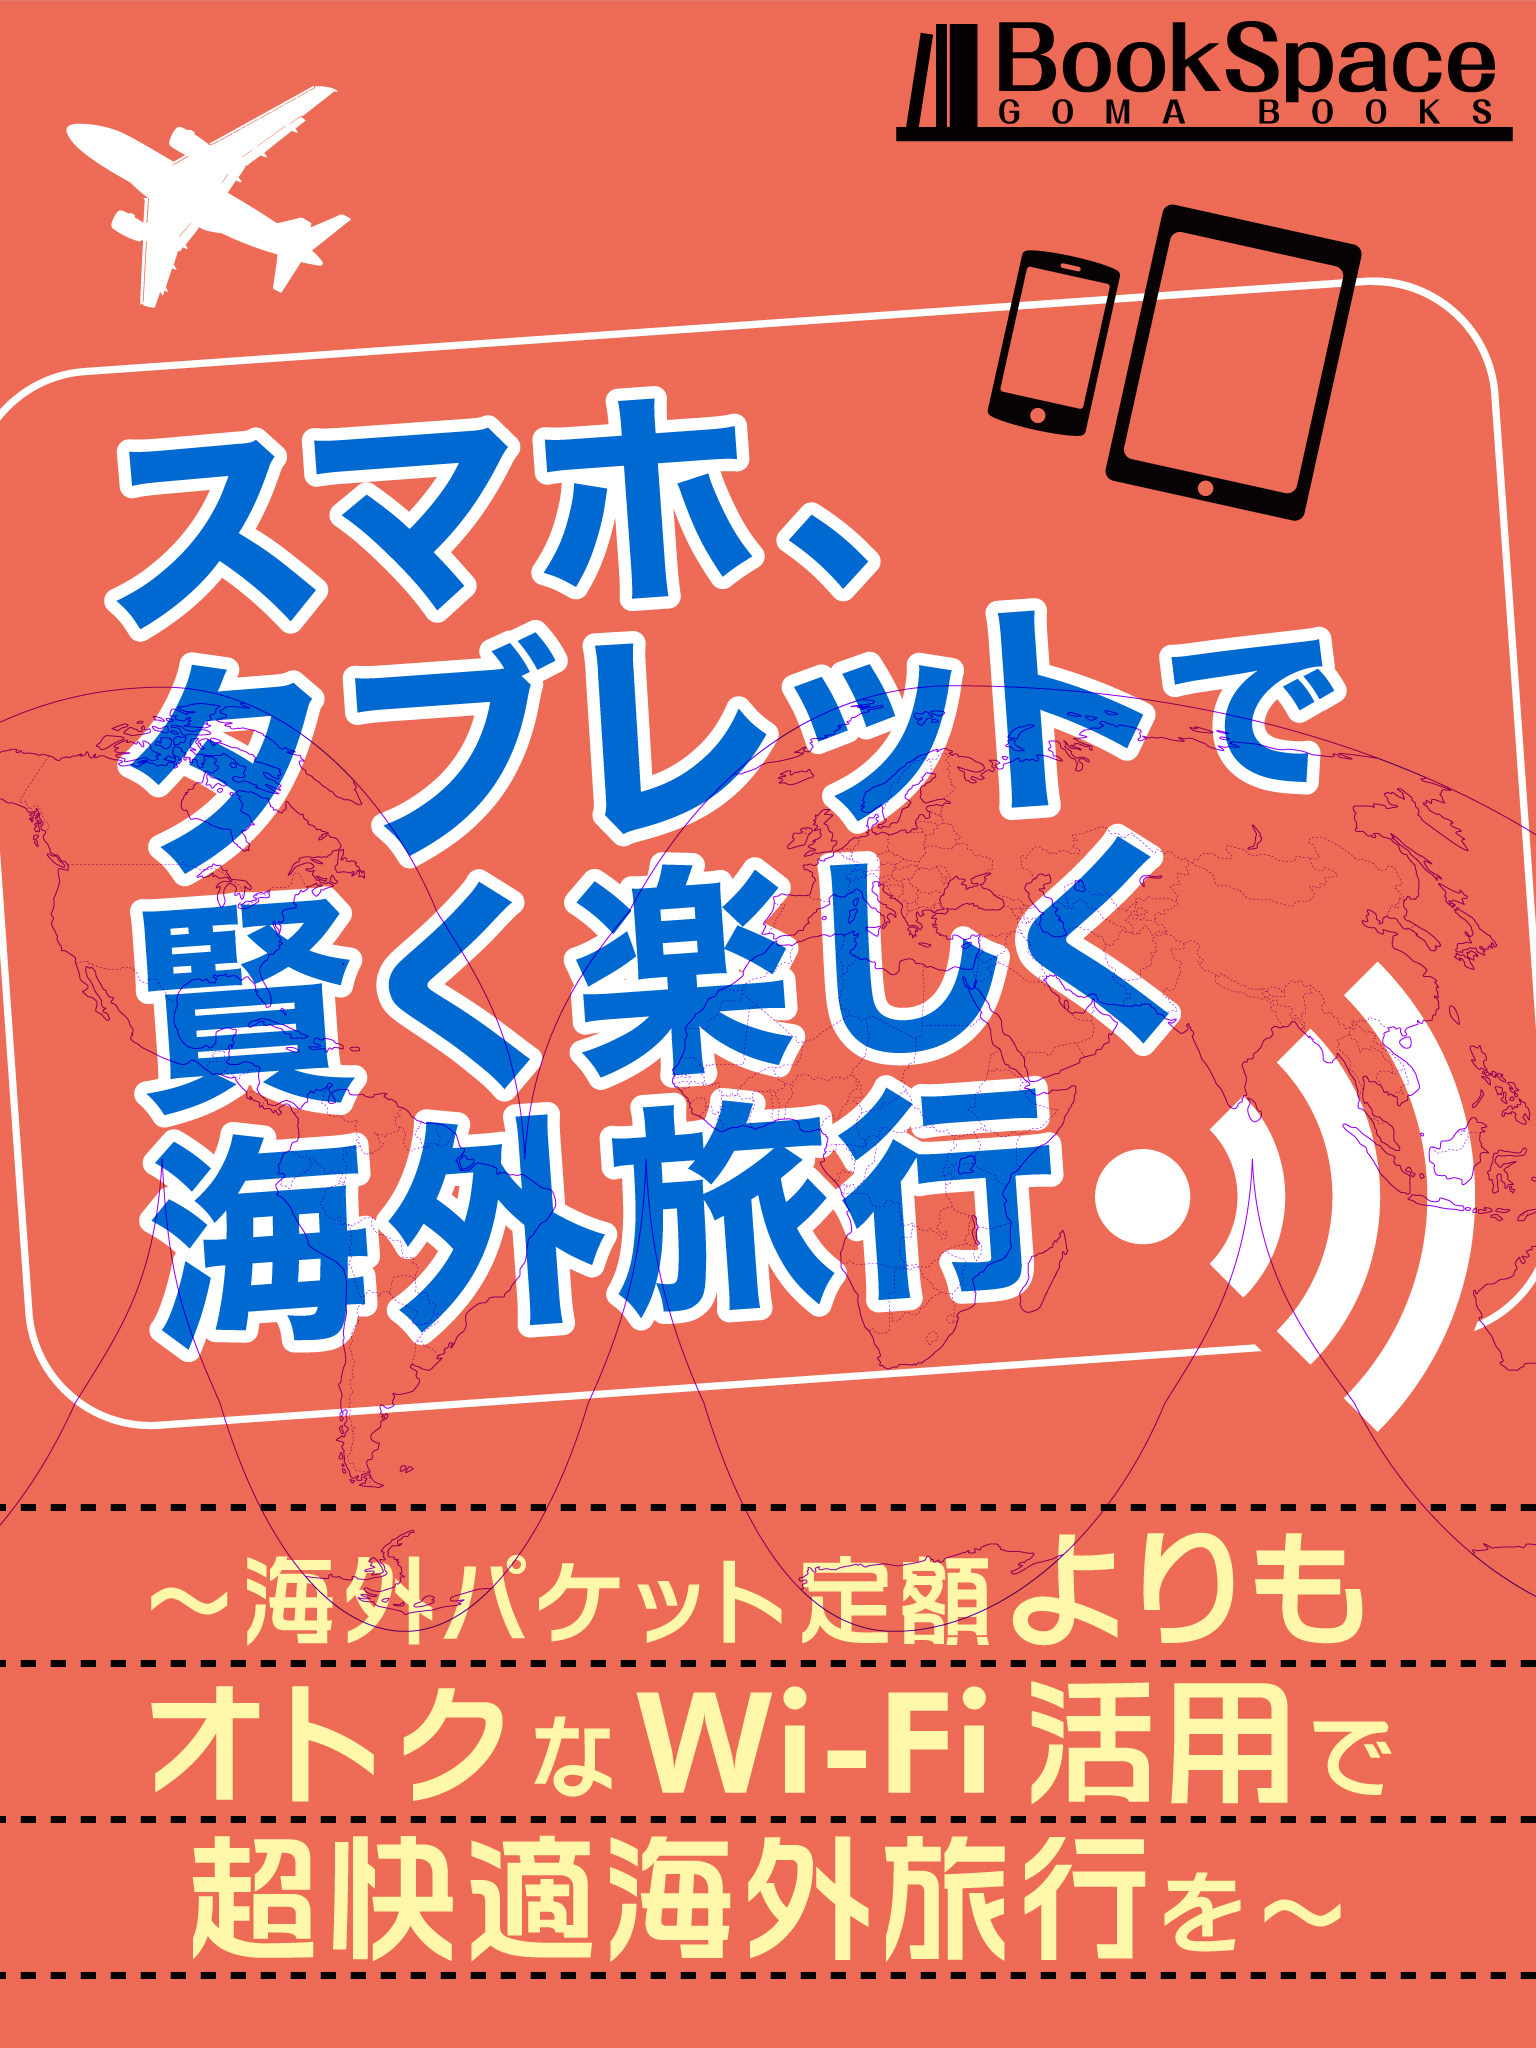 スマホ、タブレットで賢く楽しく海外旅行 ~海外パケット定額よりもオトクなWi-Fi活用で超快適海外旅行を~